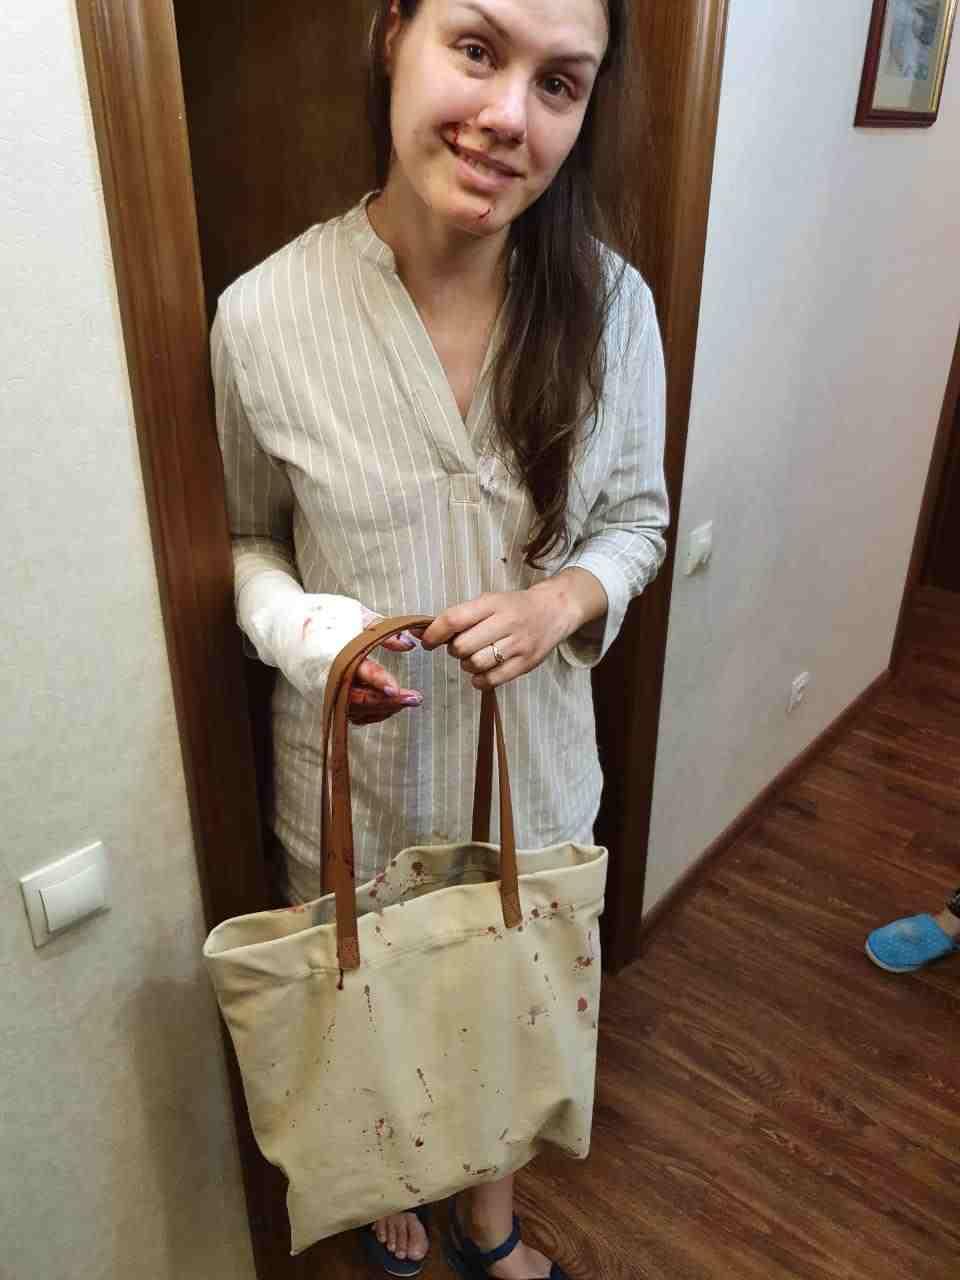 Во дворе новороссийской многоэтажки на женщину напал  стафф